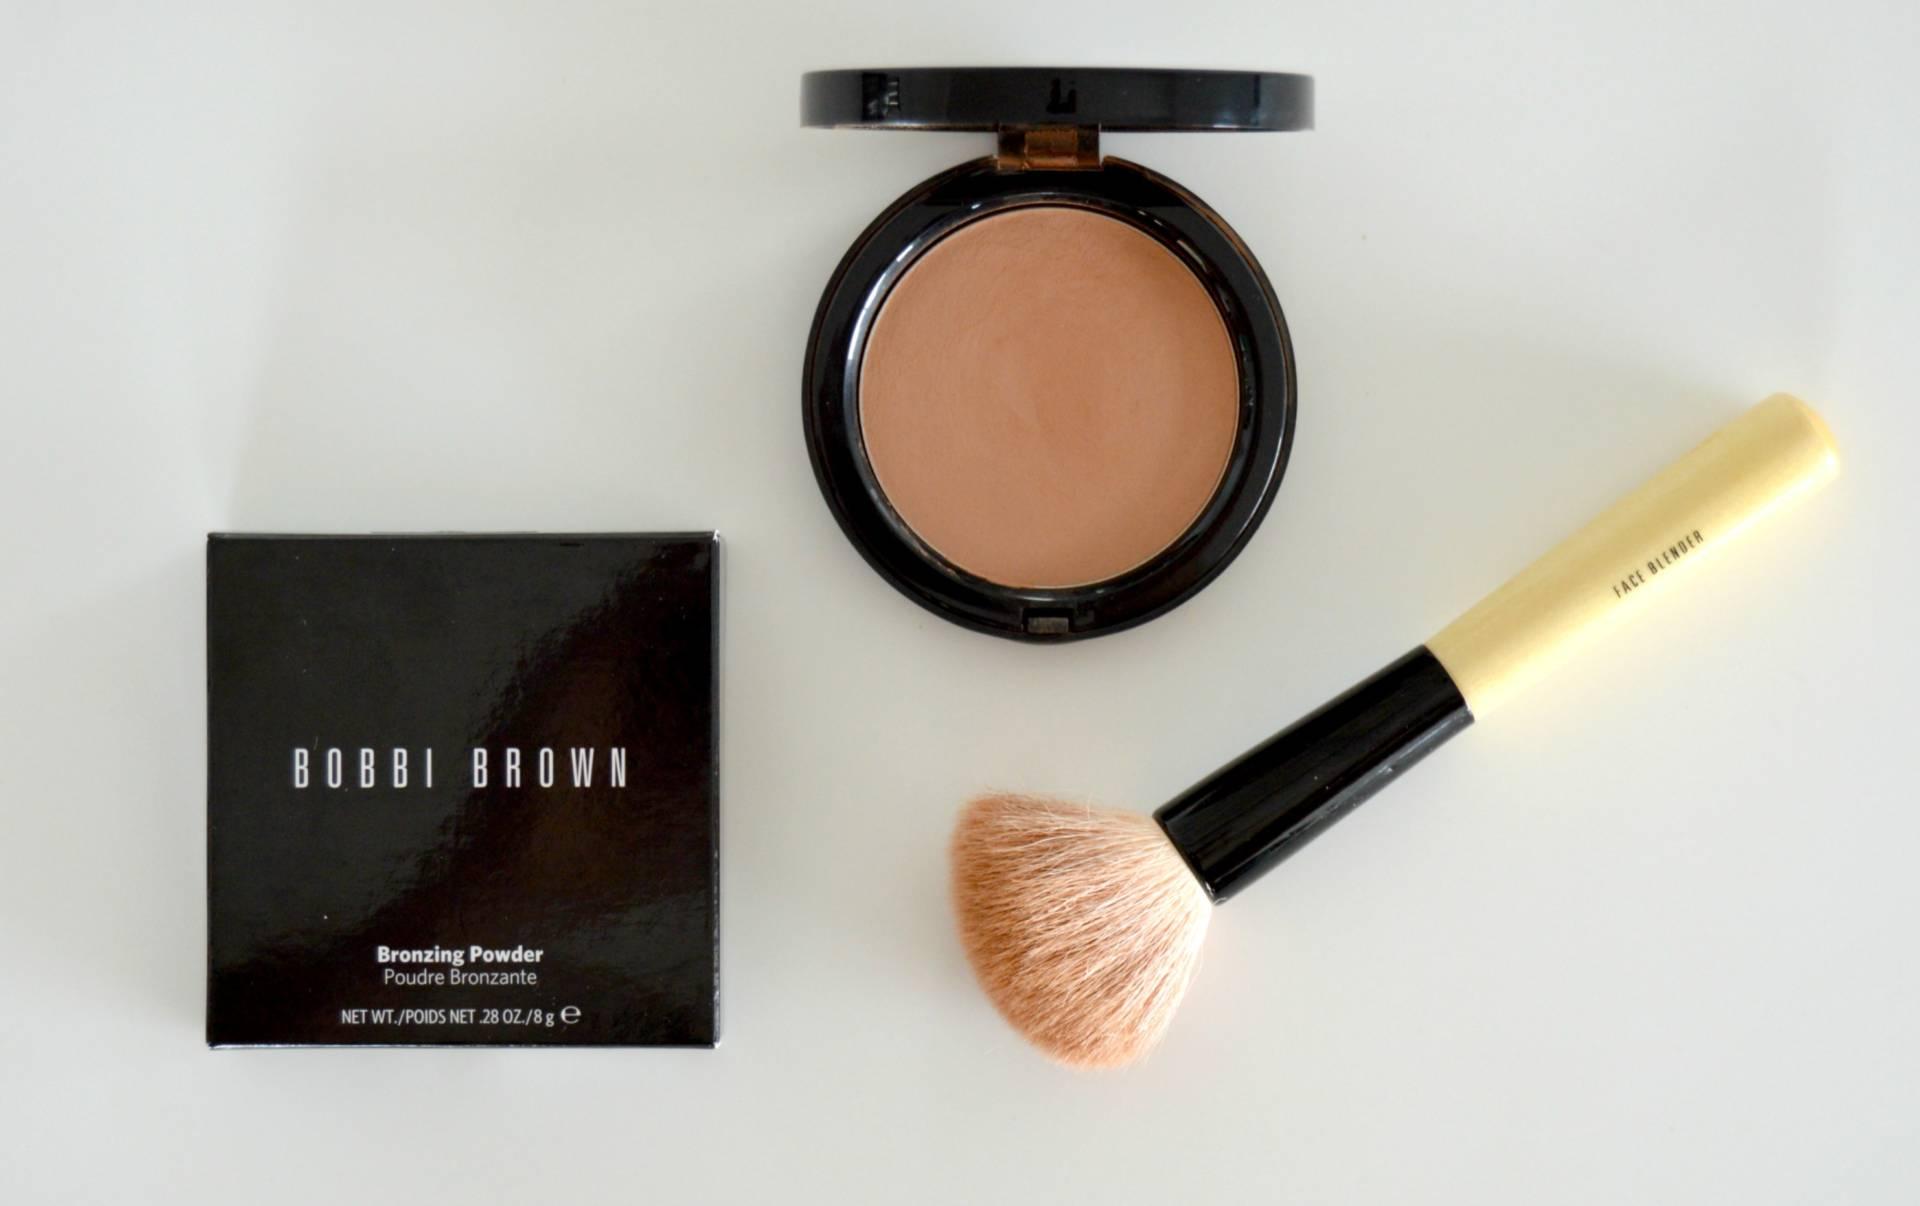 bobbi-brown-bronzer-review-inhautepursuit-golden-light-bronzing-powder